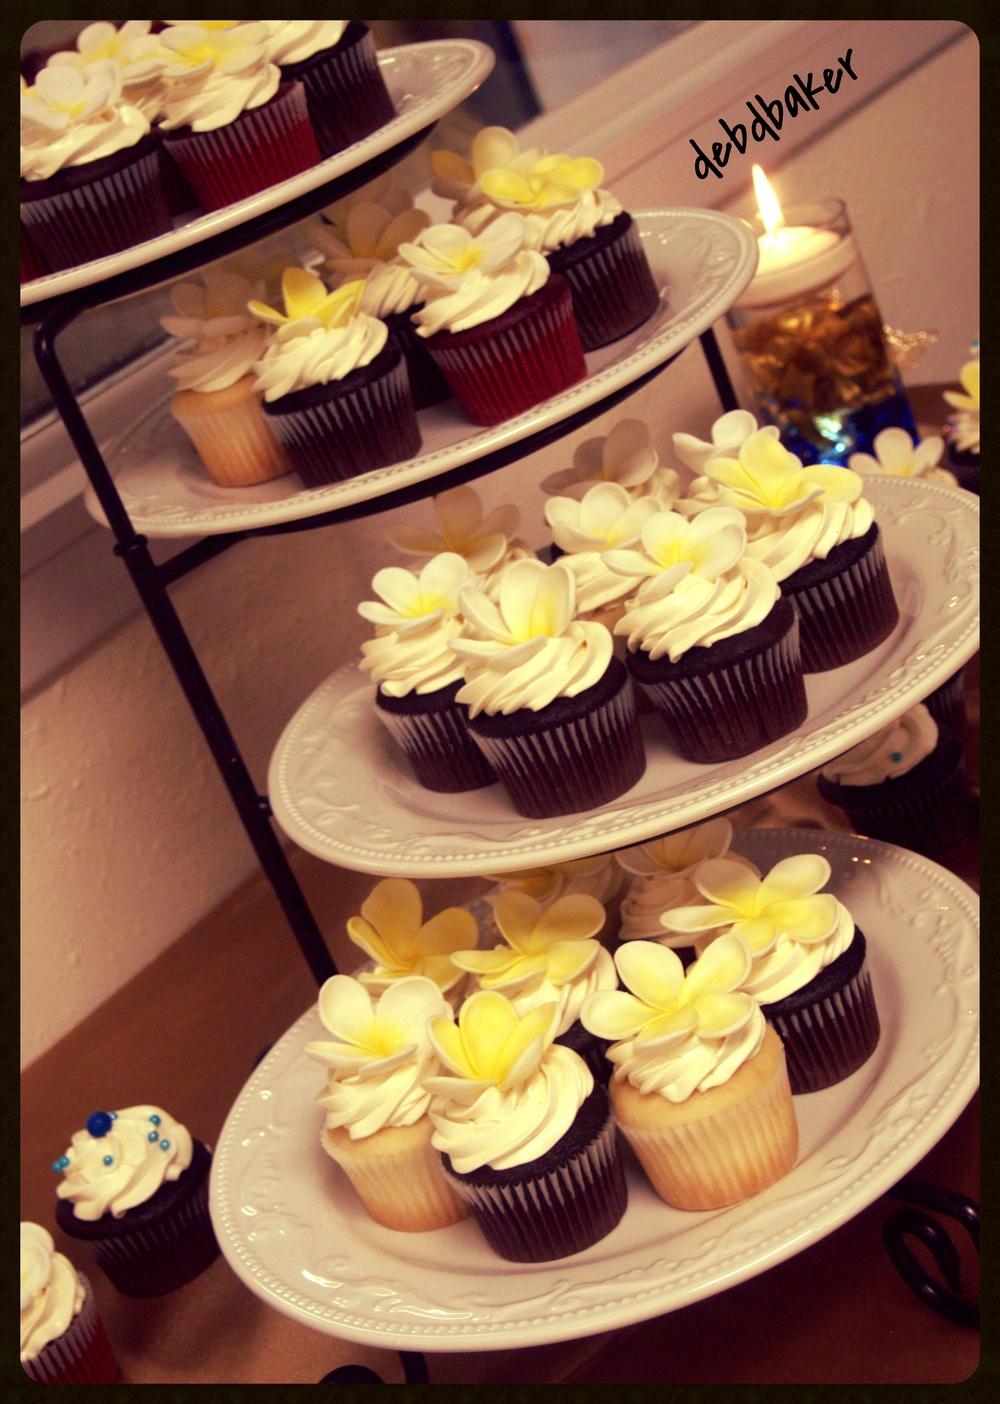 Cupcakes with Plumeria Gumpaste Flowers